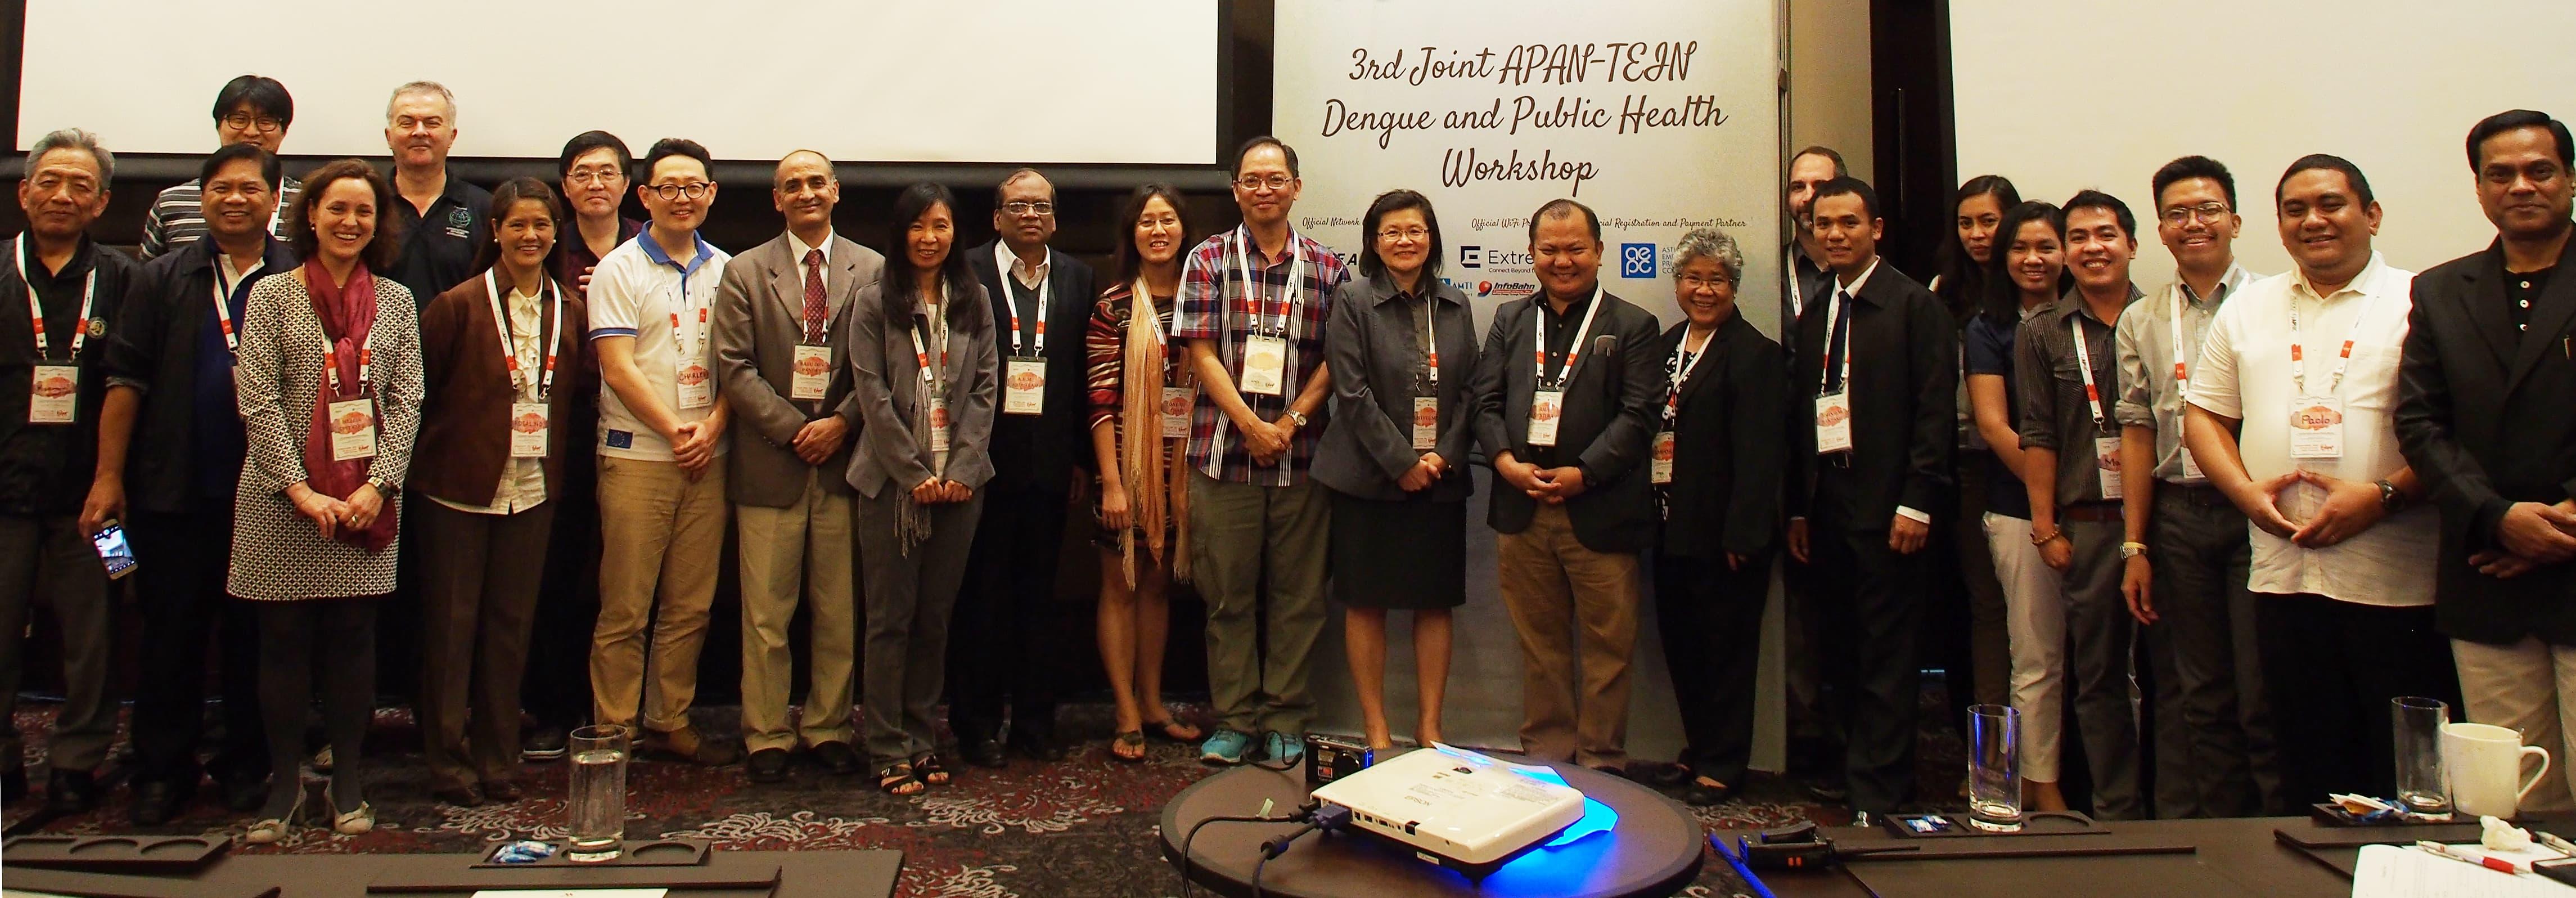 Dengue Fever Workshop APAN 2016